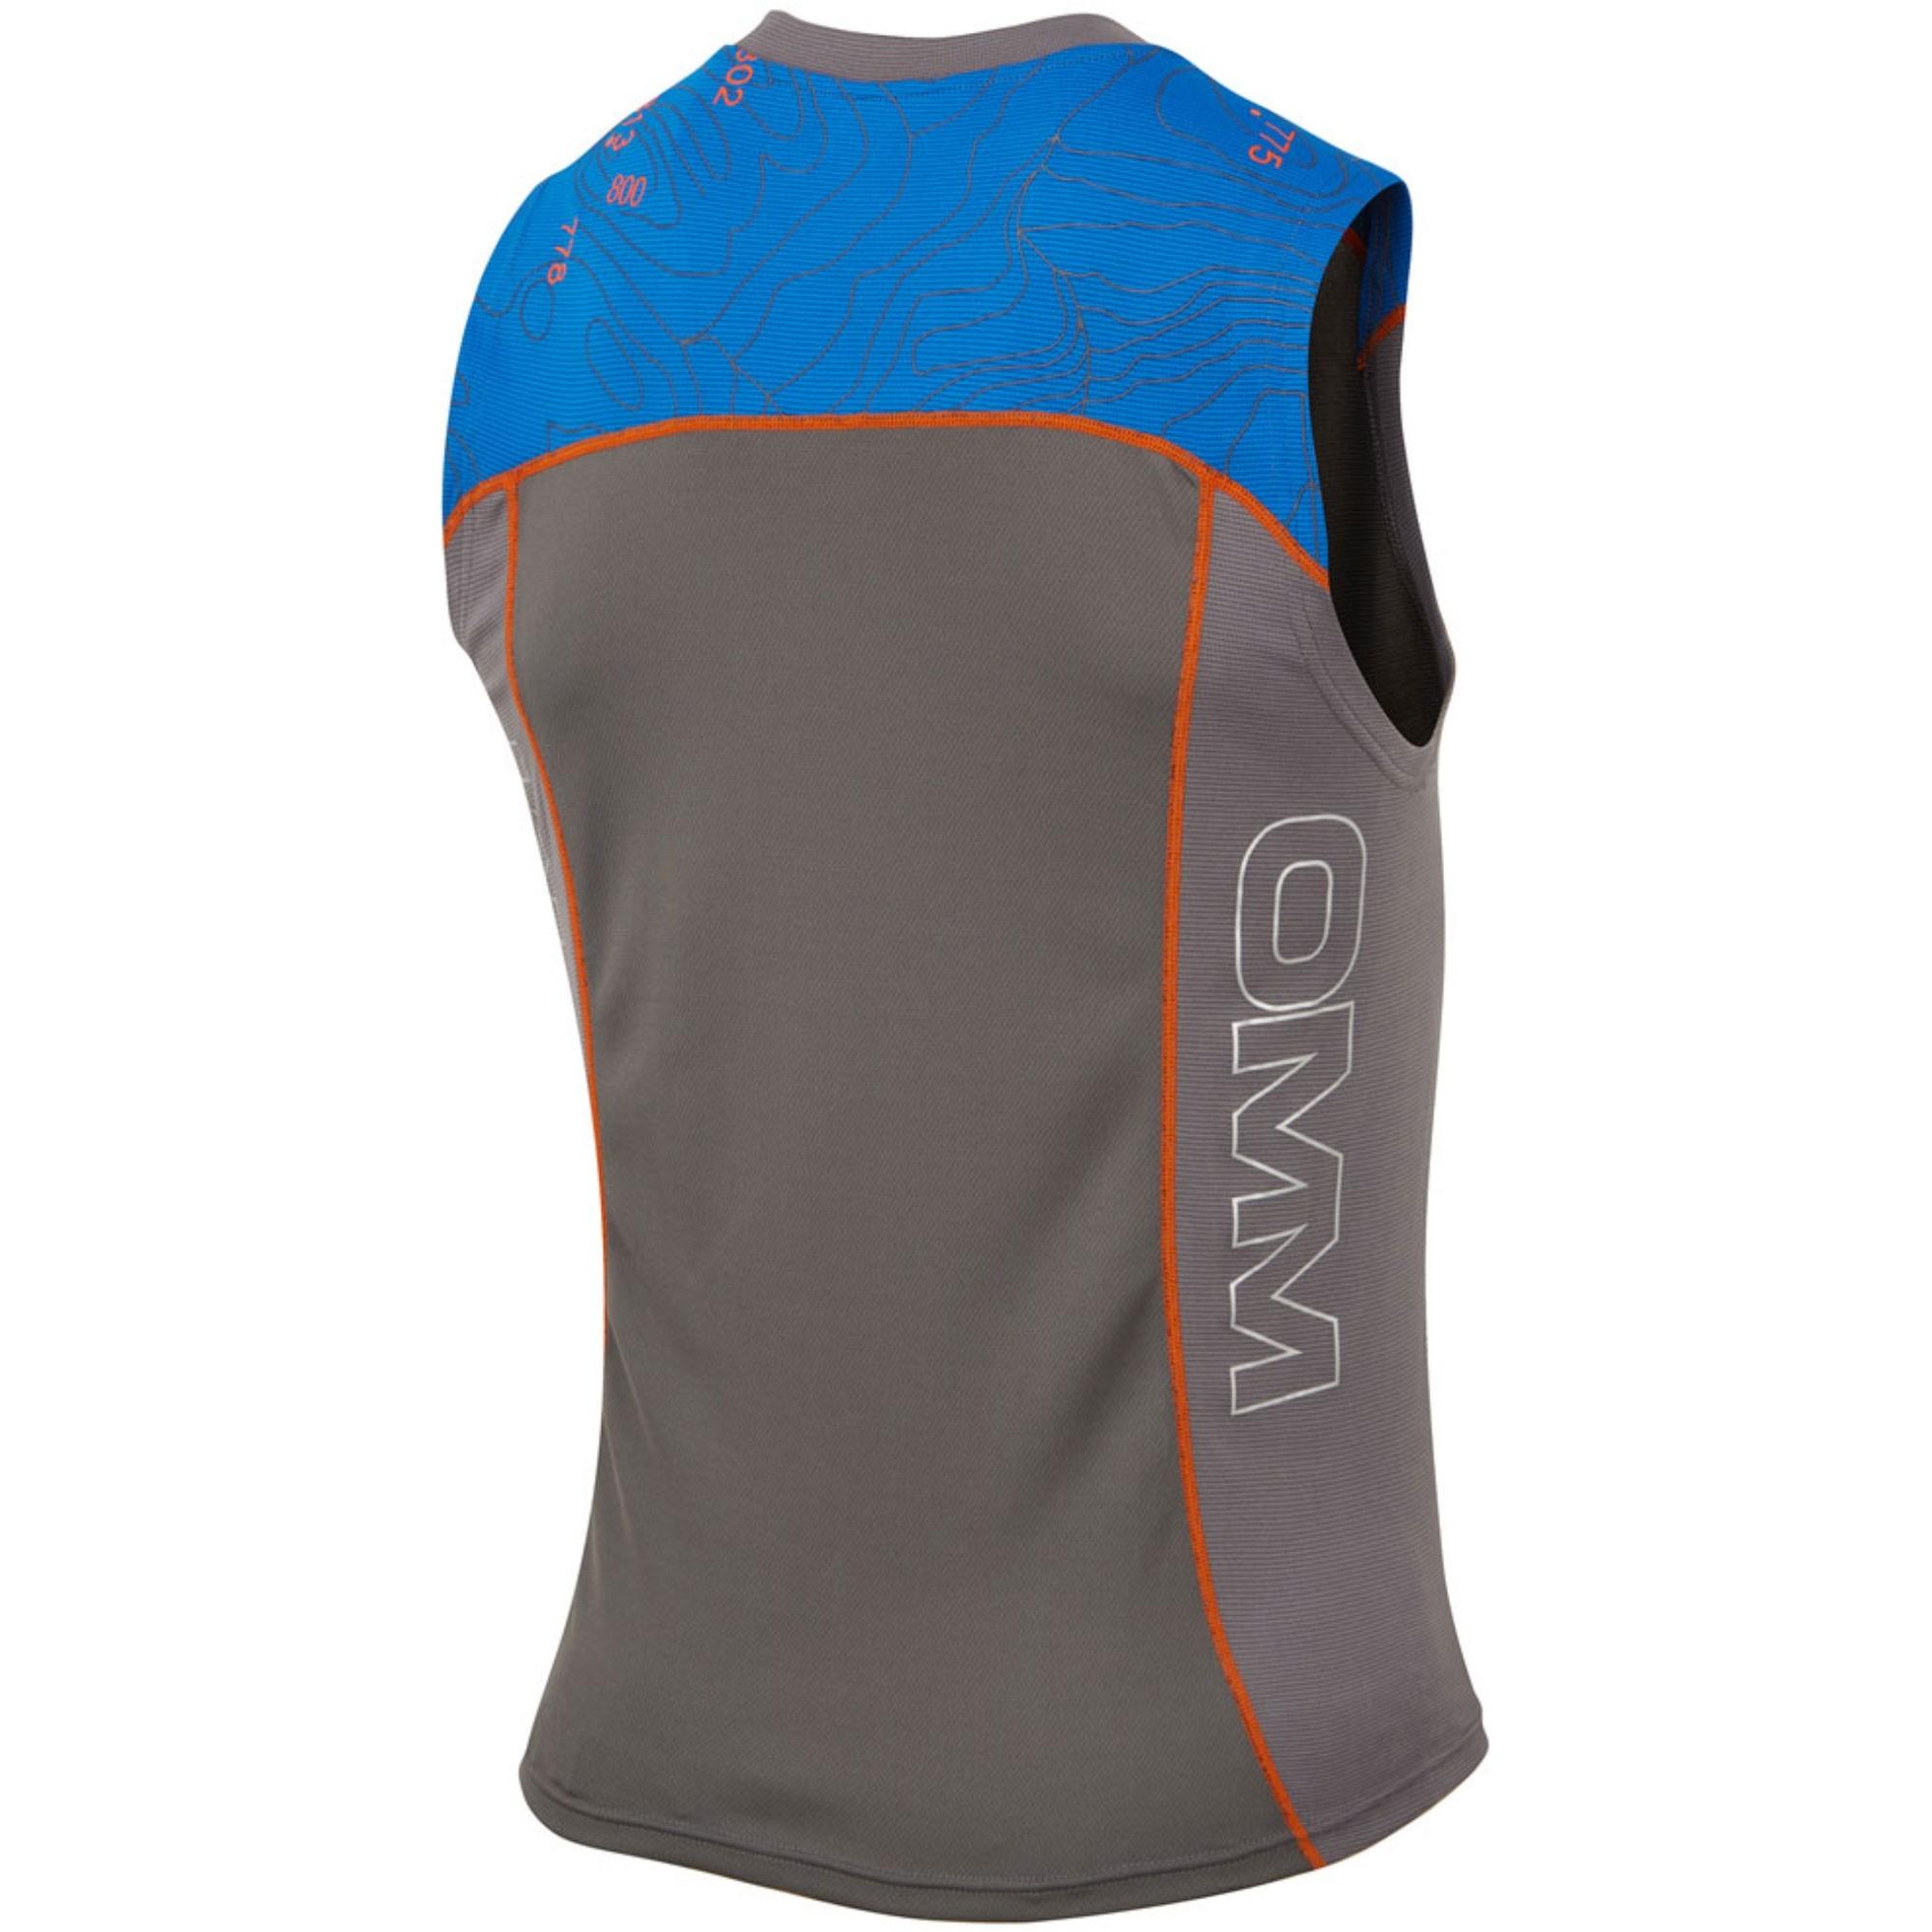 OMM Flow Running Singlet - Grey/Blue